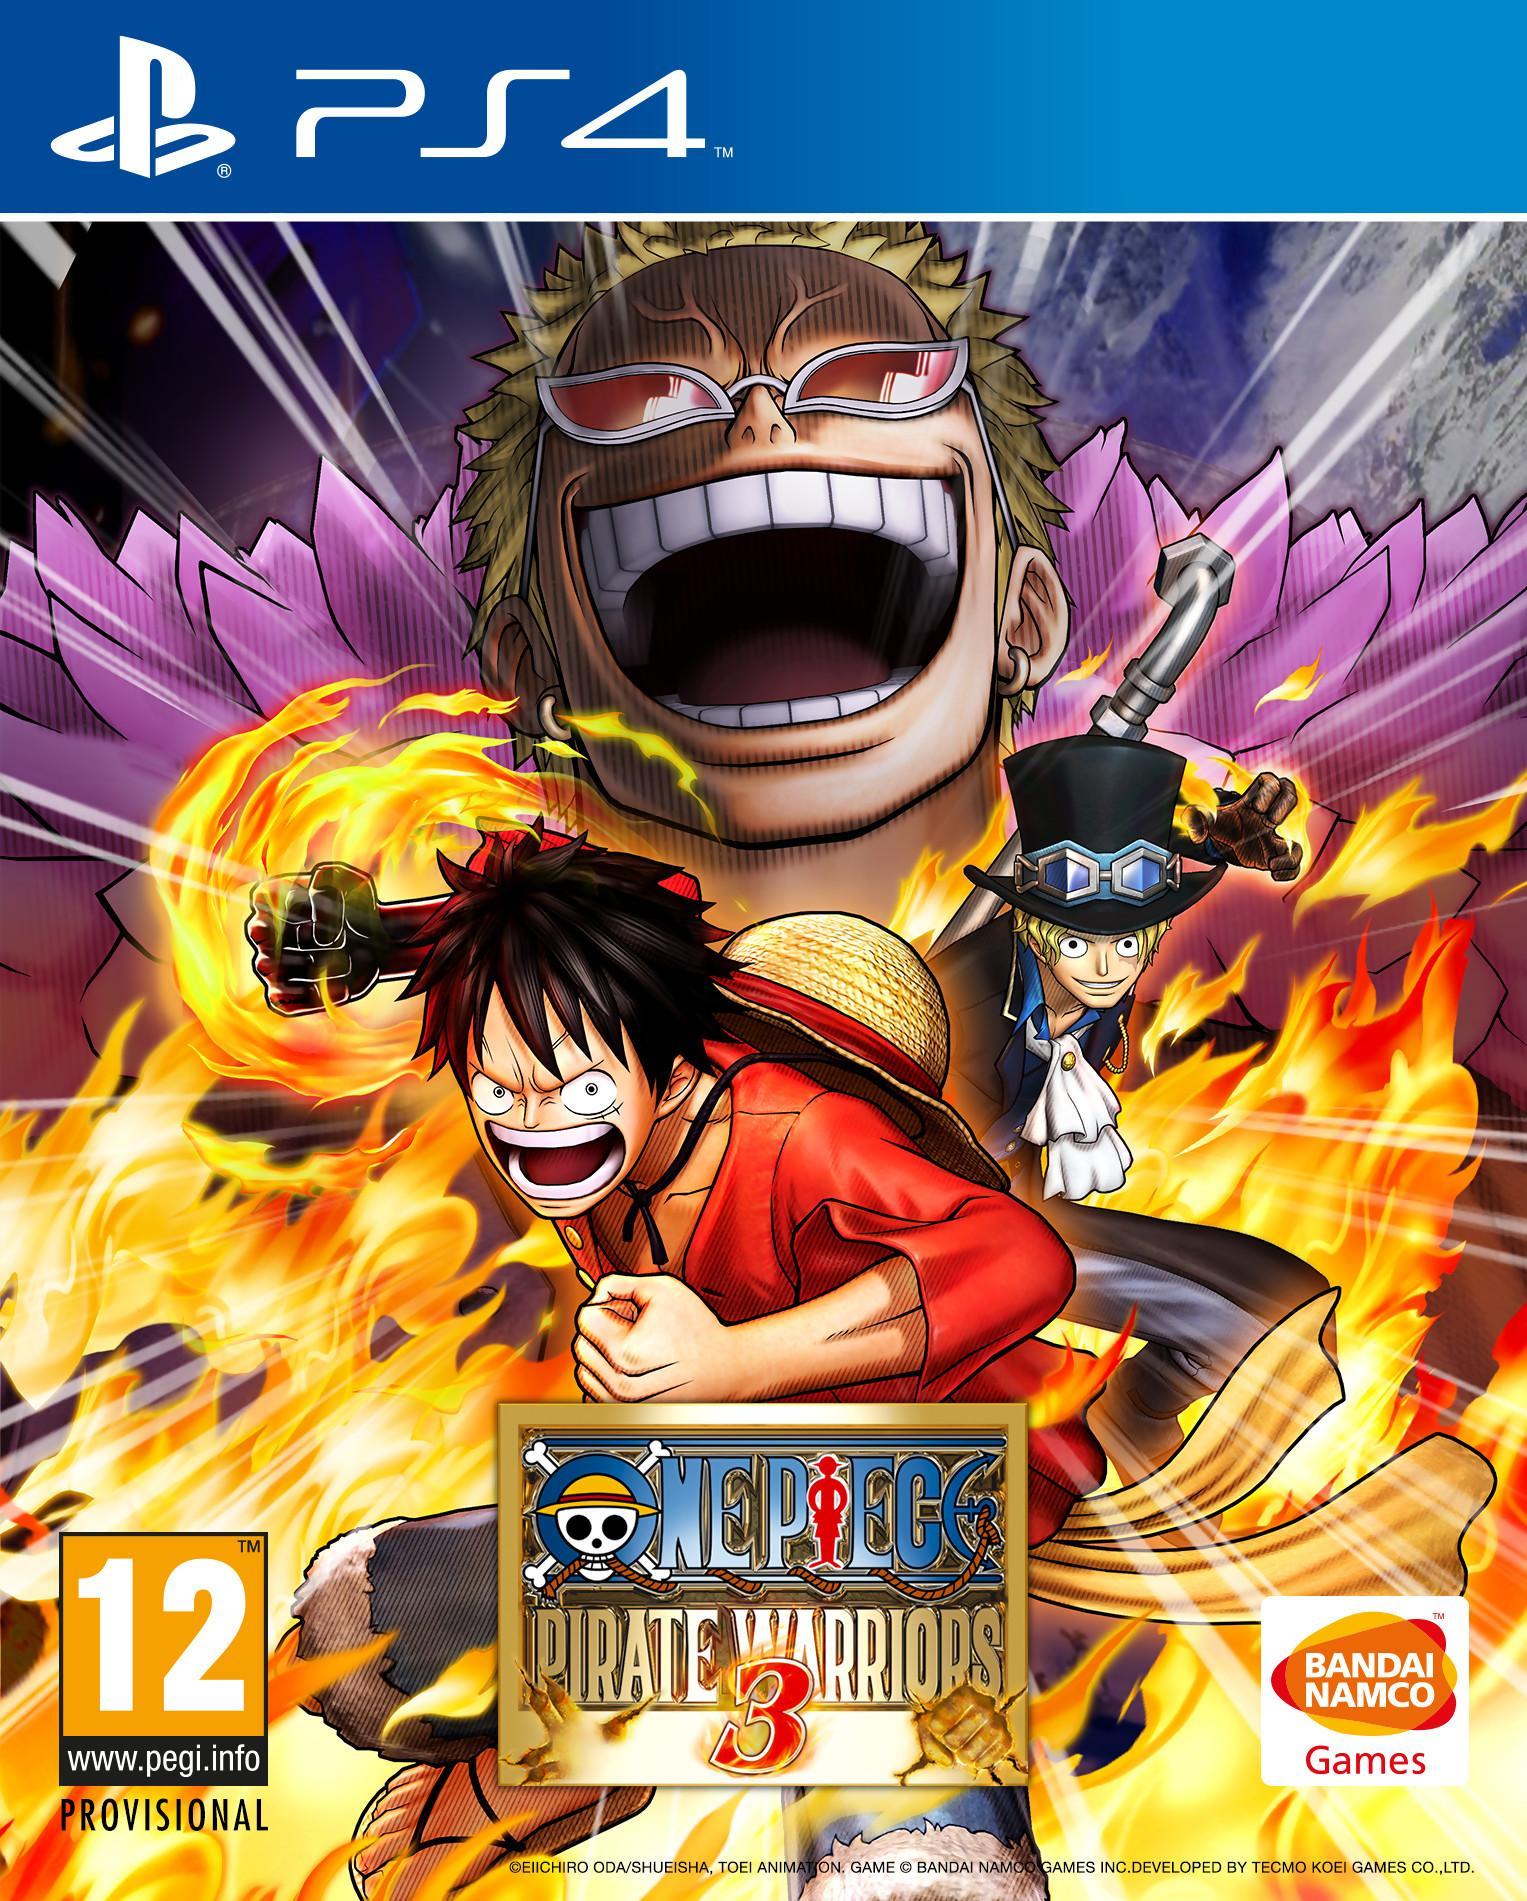 One Piece Pirate Warrior 3: Gold édition sur PS4 (Dématérialisé)